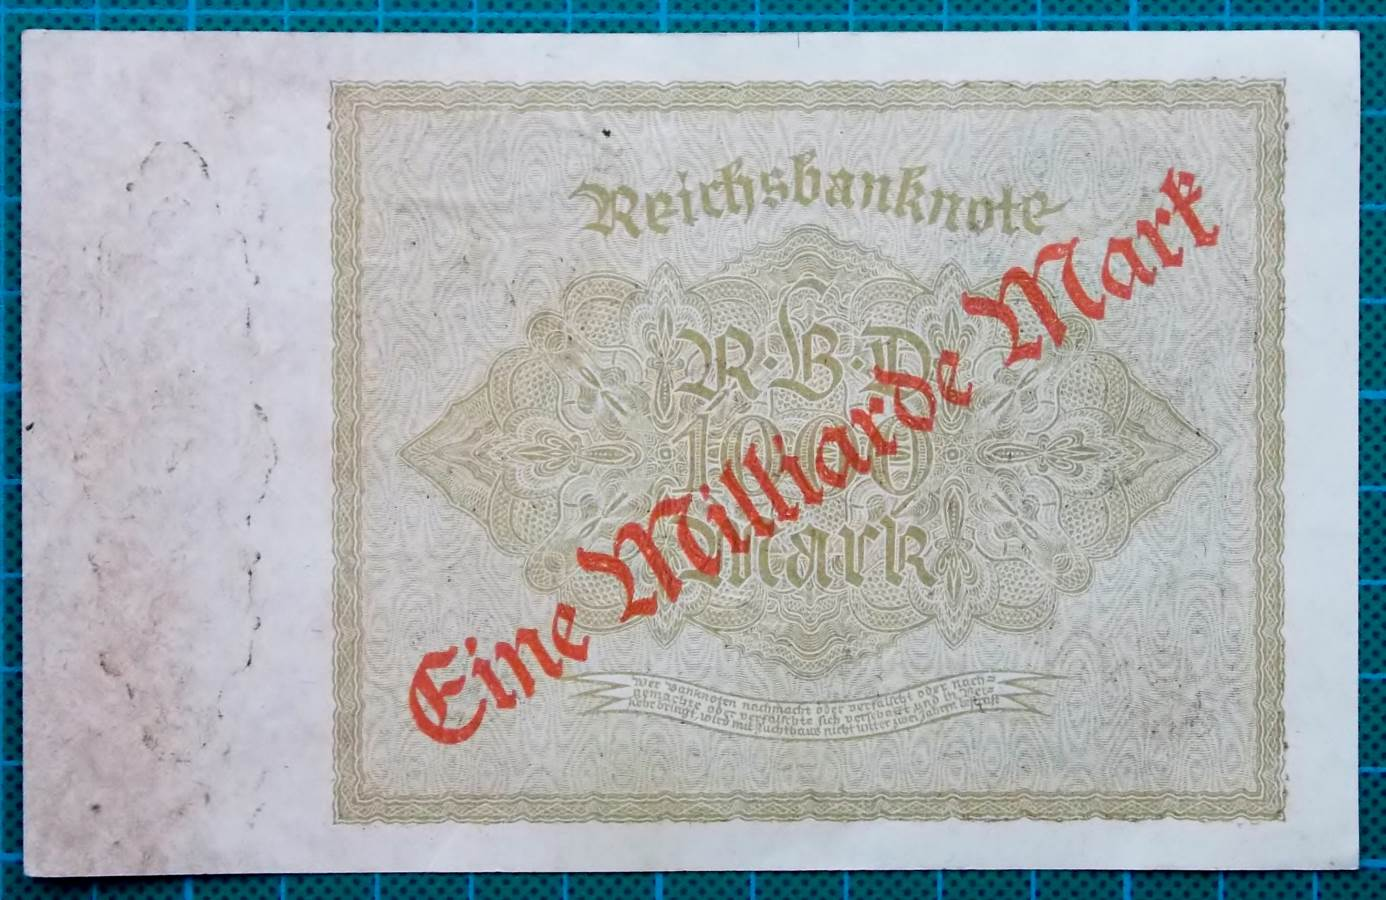 1922 REICHSBANK 1000 MARK WITH ONE BILLION MARK OVERPRINT